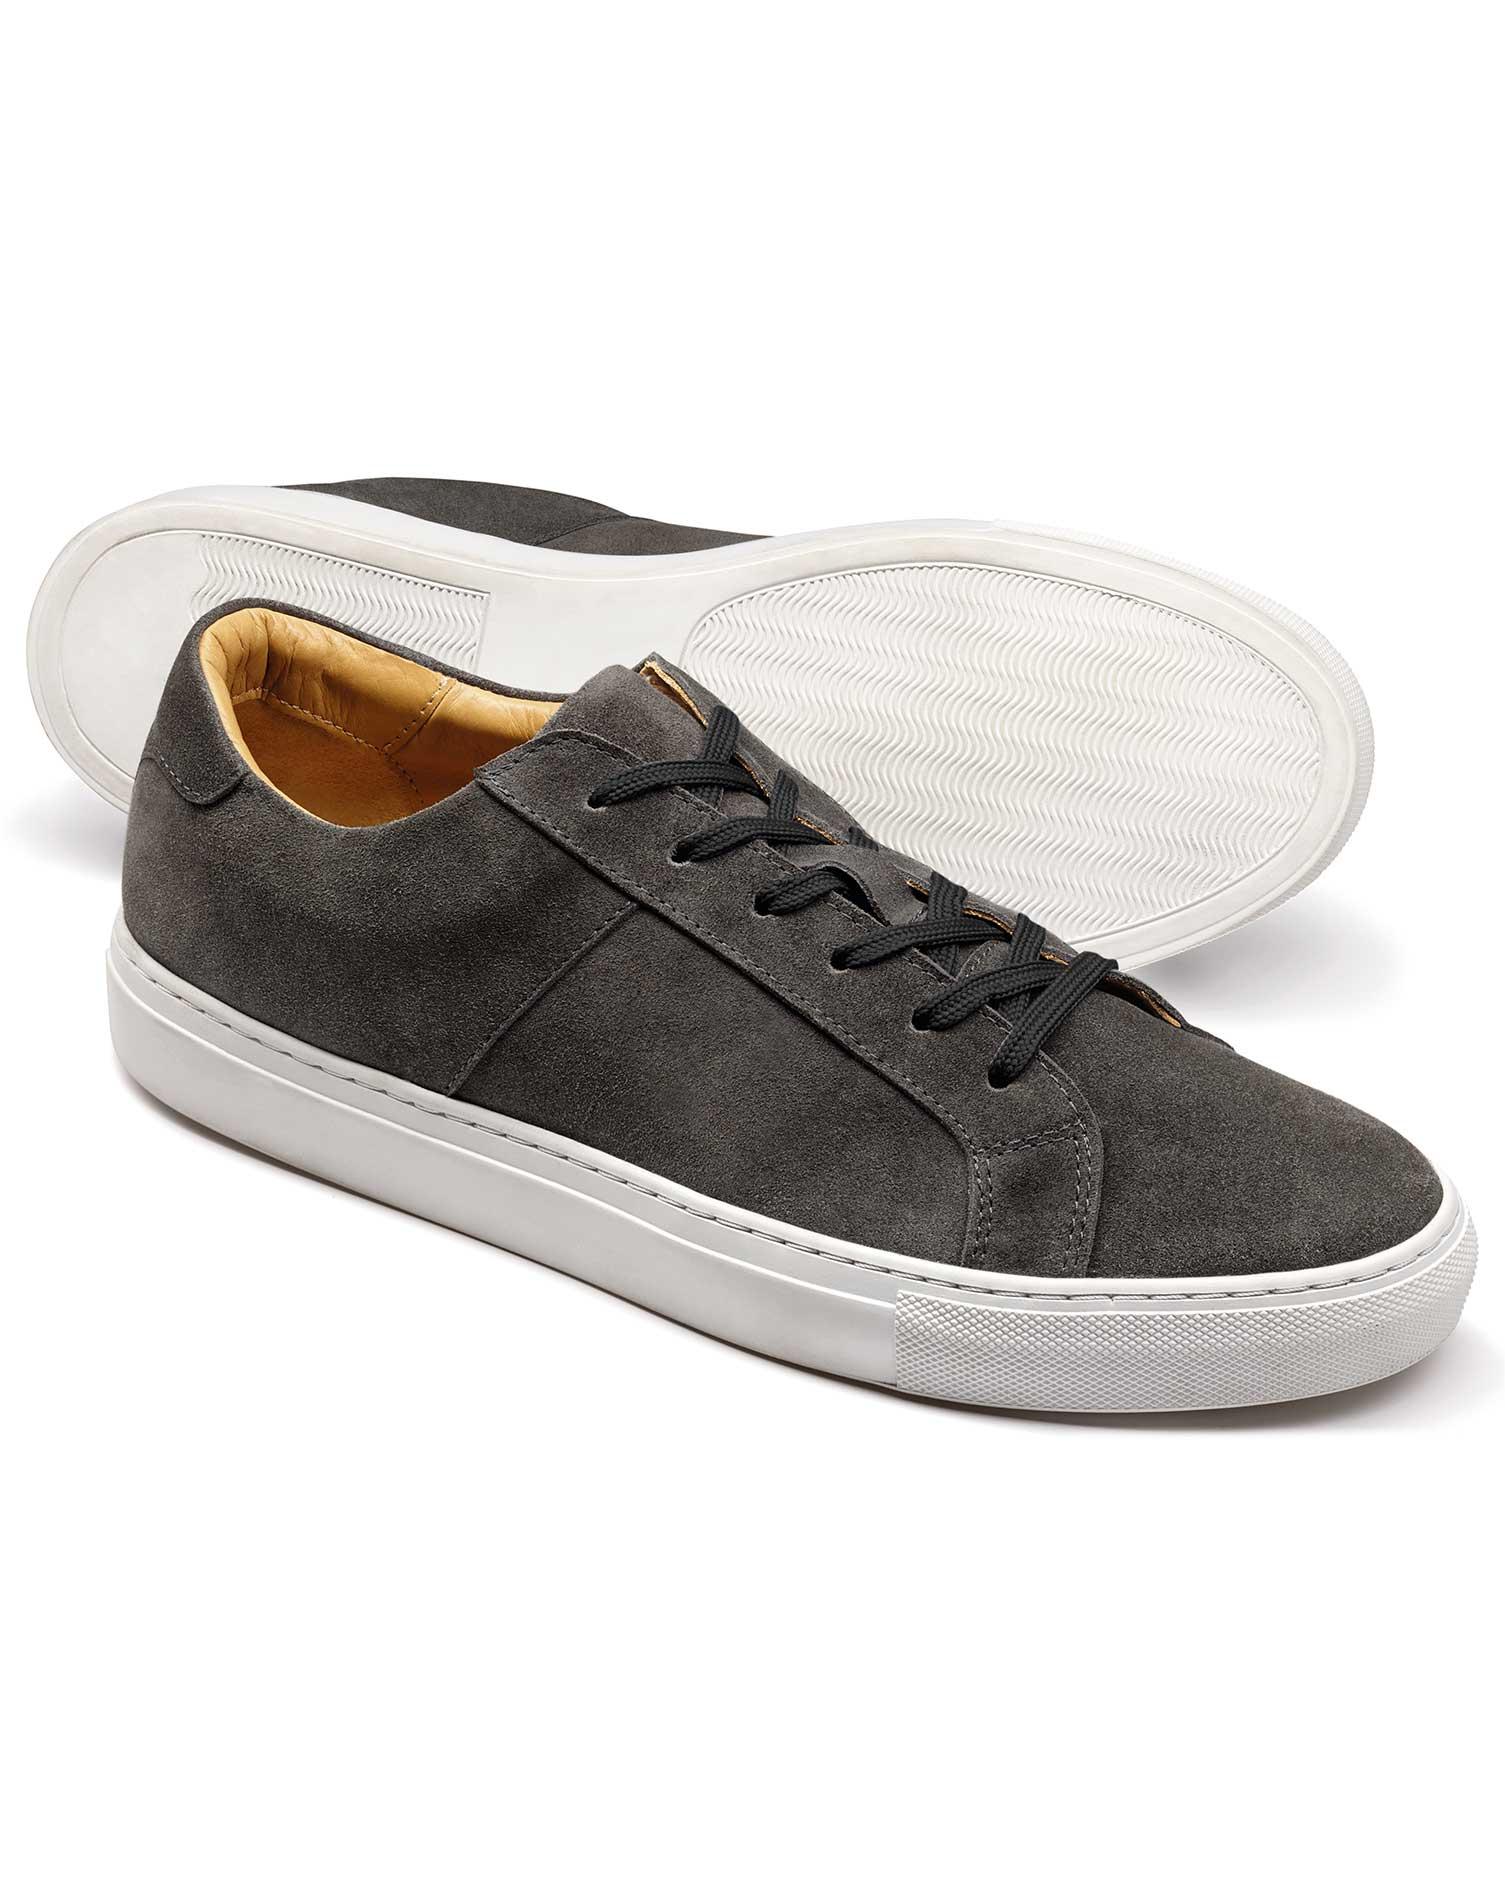 Chaussures De Daim Gris fZtJMjT7cQ